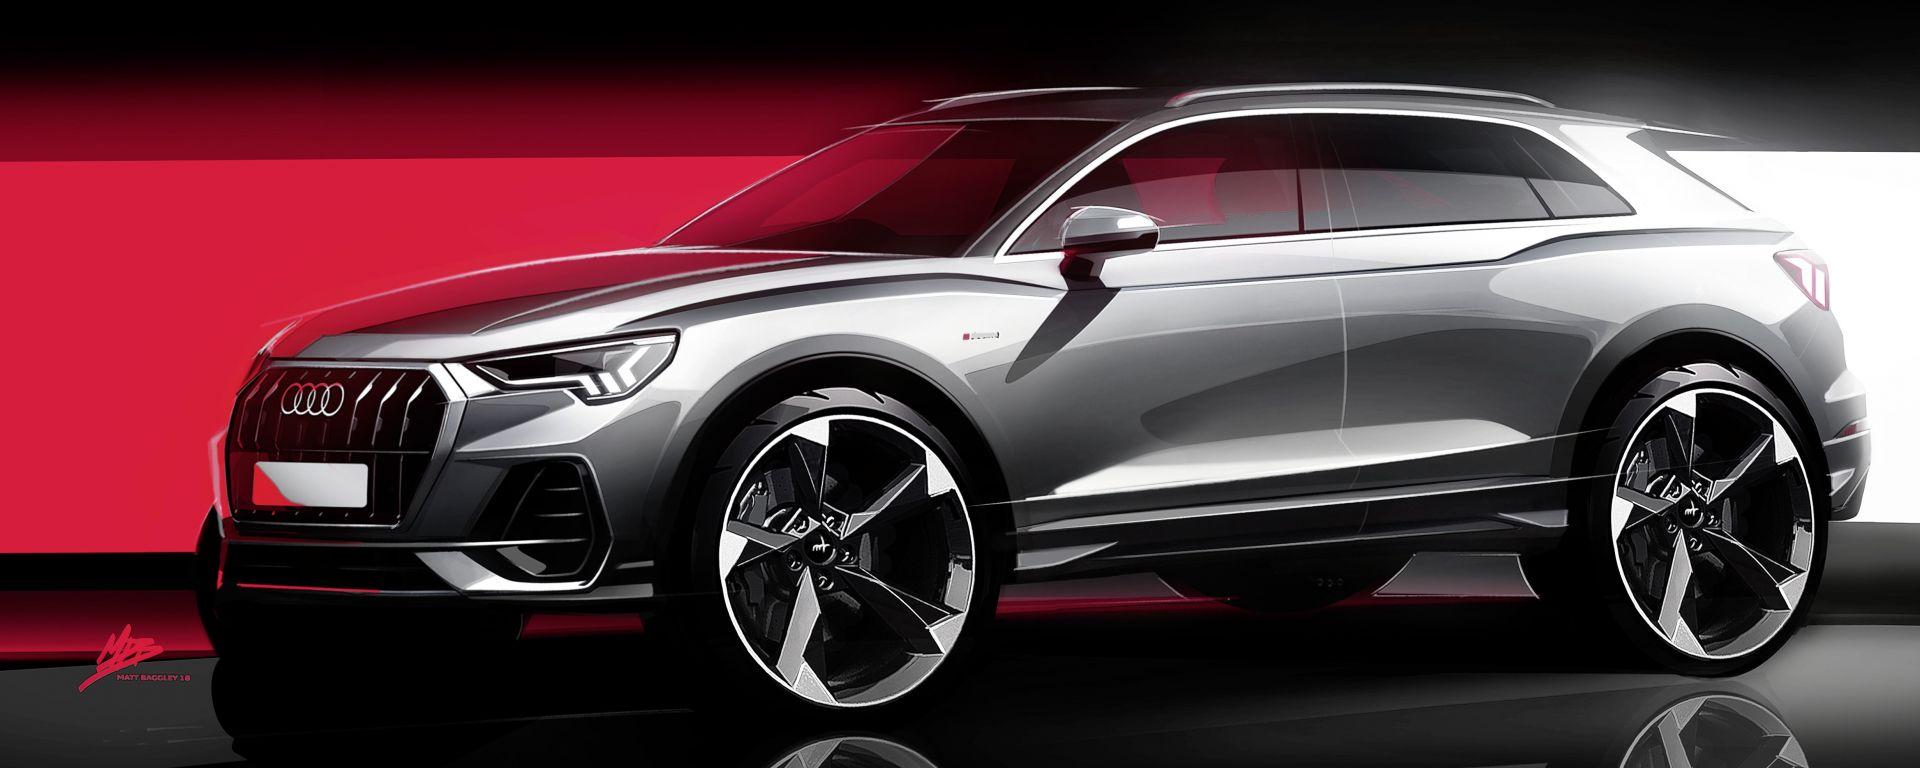 Audi e-tron: un SUV elettrico compatto in arrivo al salone di Ginevra 2019